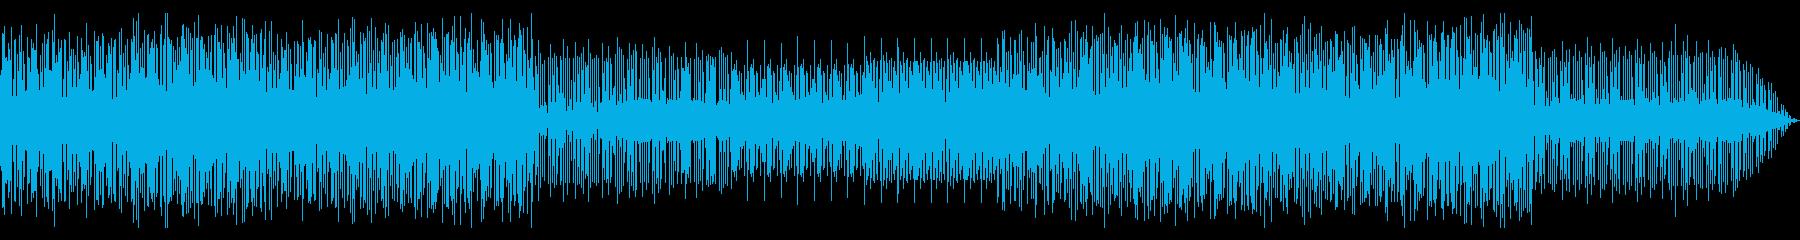 発電 工場 機械 テクノ+チップチューンの再生済みの波形